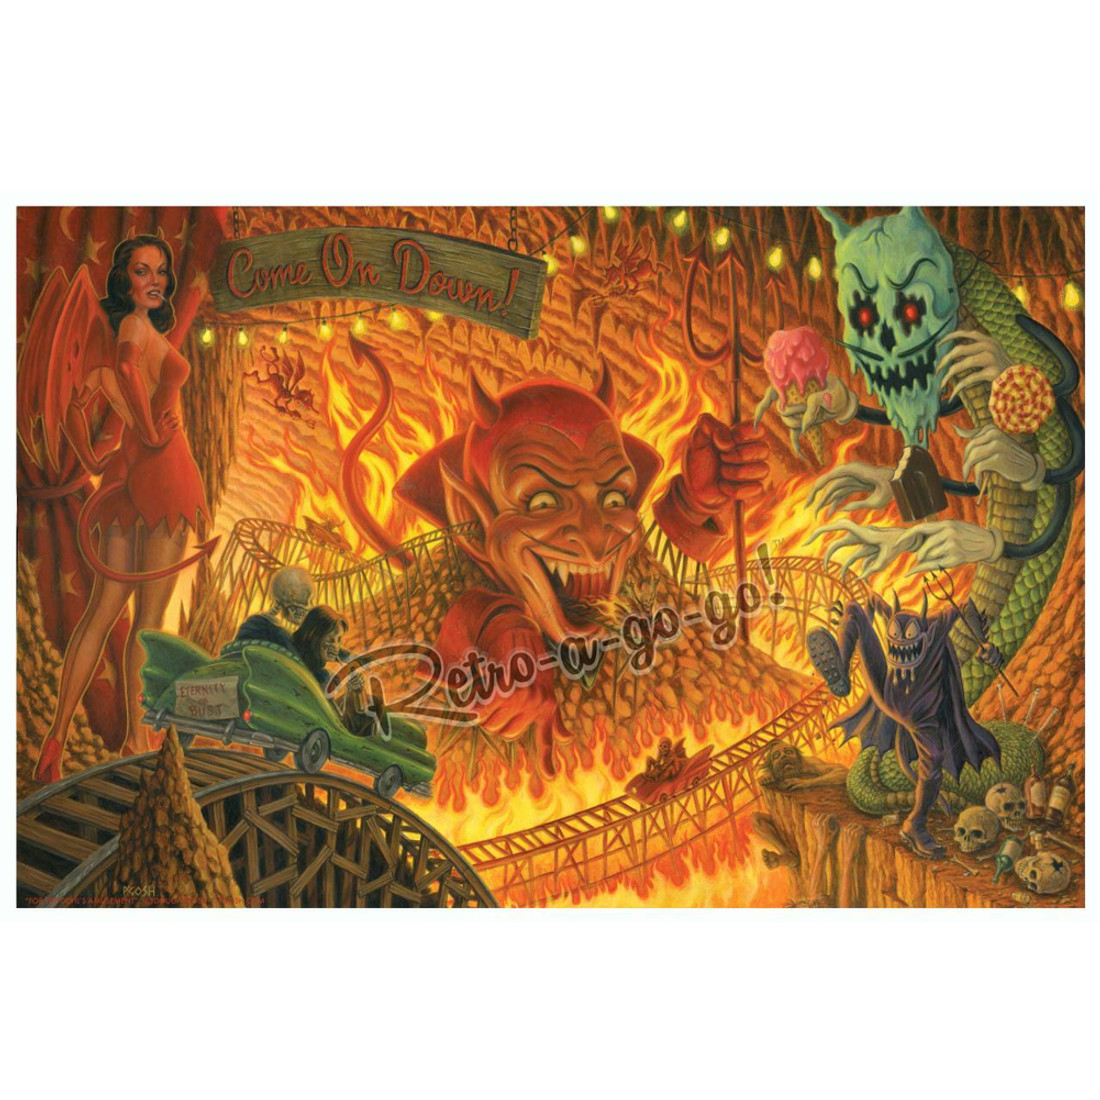 For The Devil's Amusement by P'gosh art print